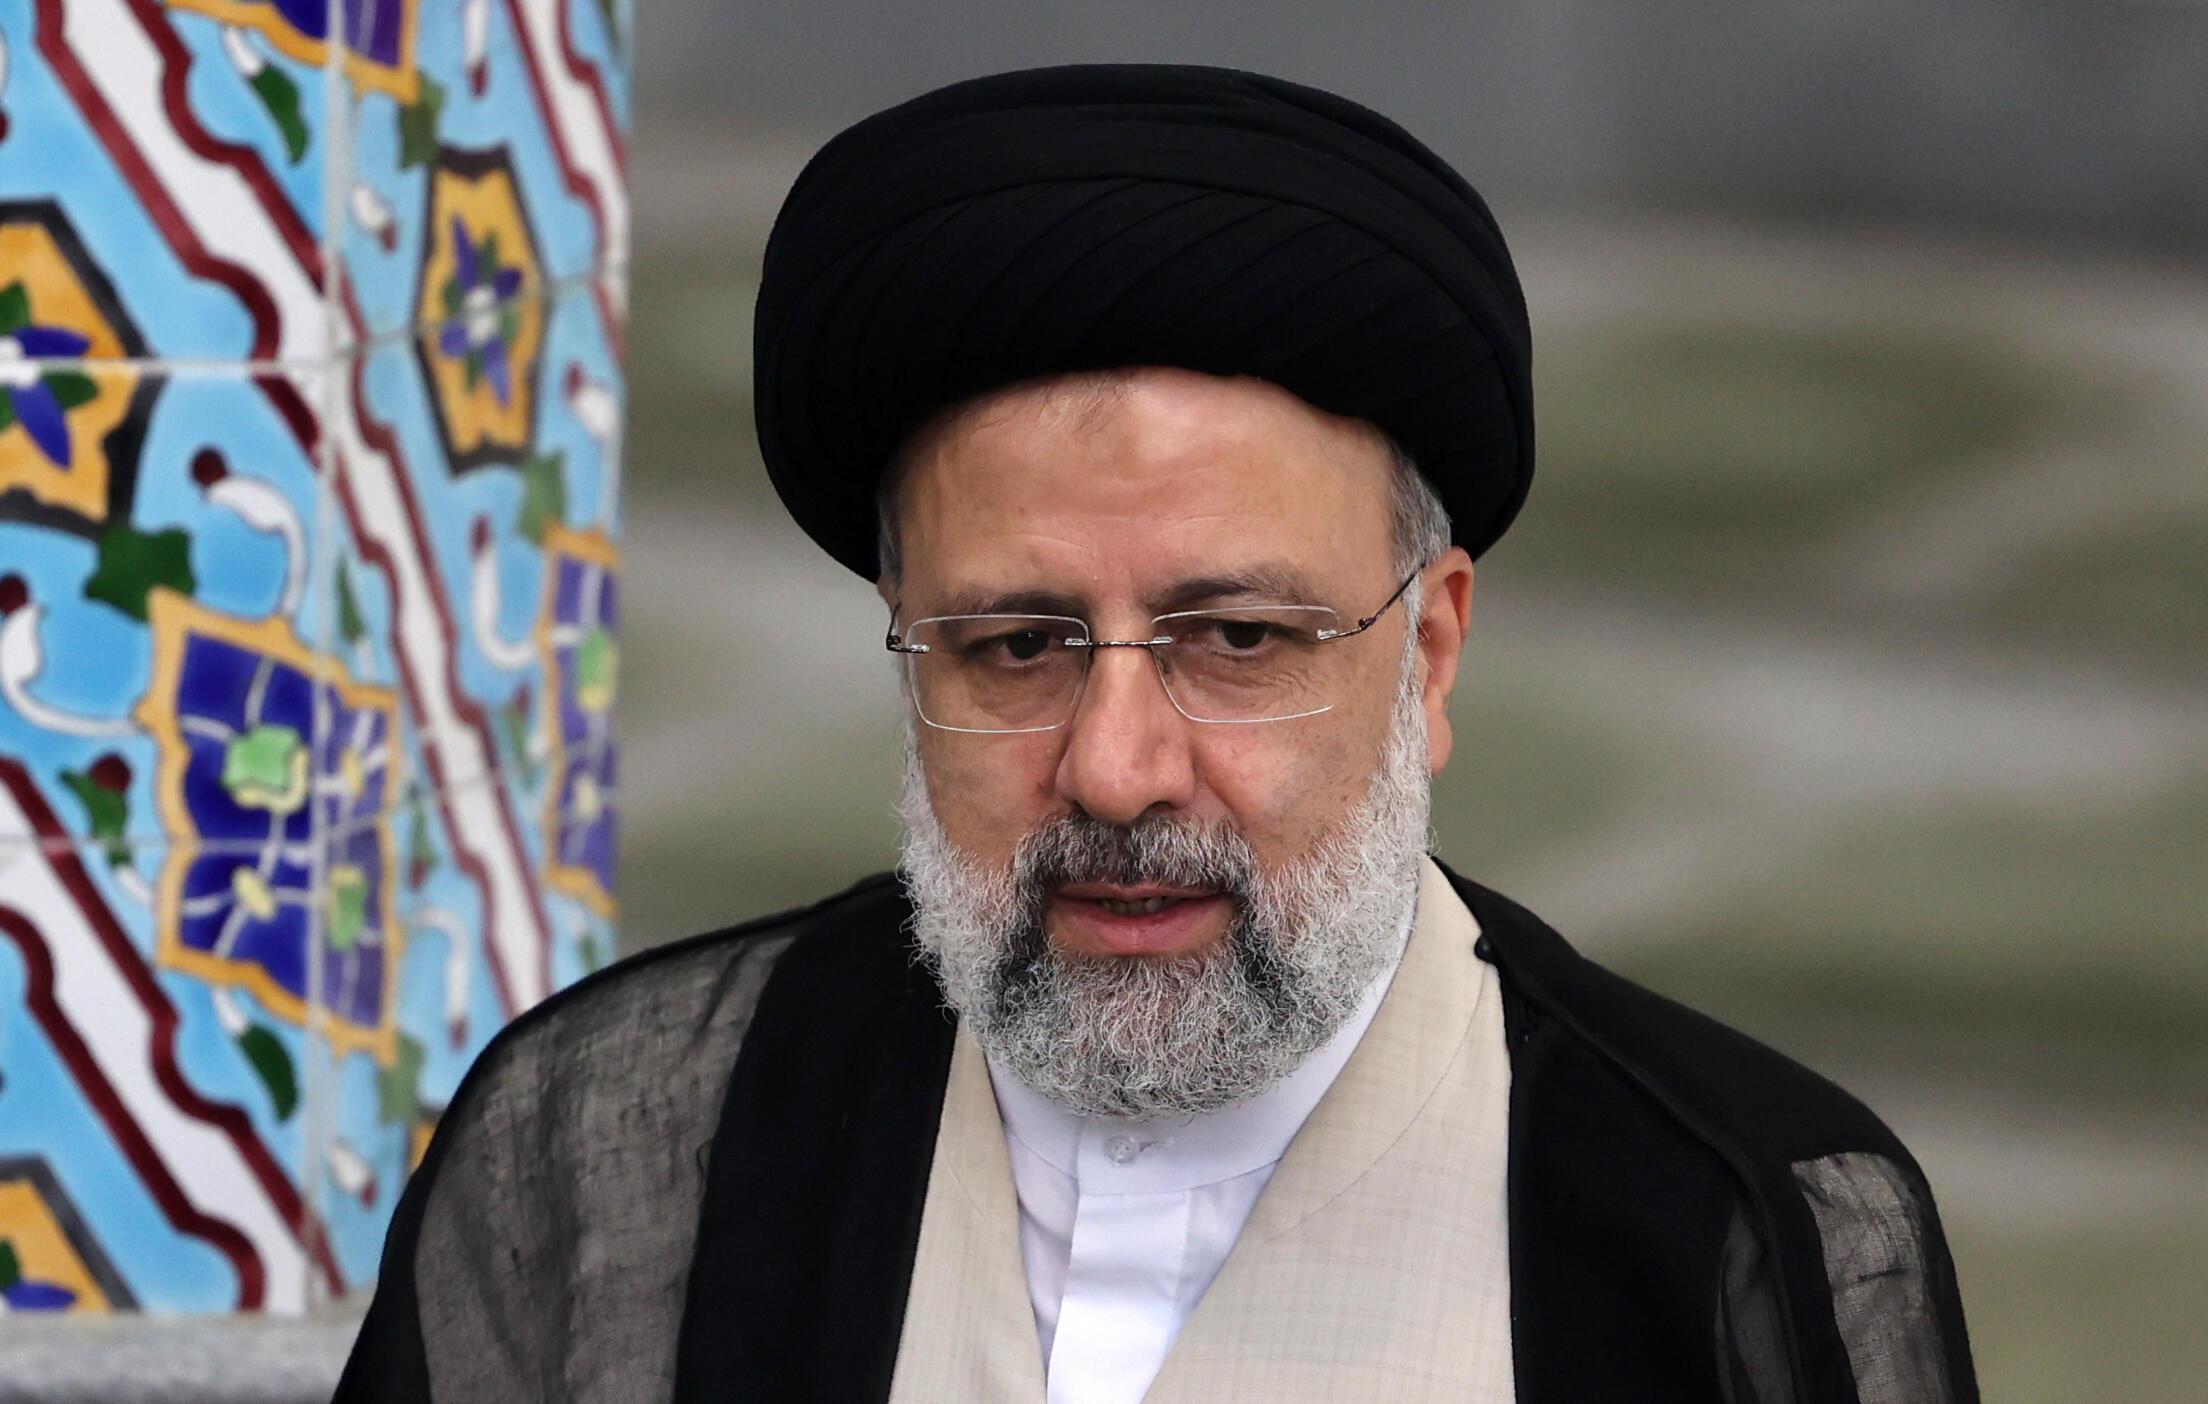 El ultraconservador Ebrahim Raisi habla a los medios después de votar en un colegio electoral de Teherán, el 18 de junio de 2021